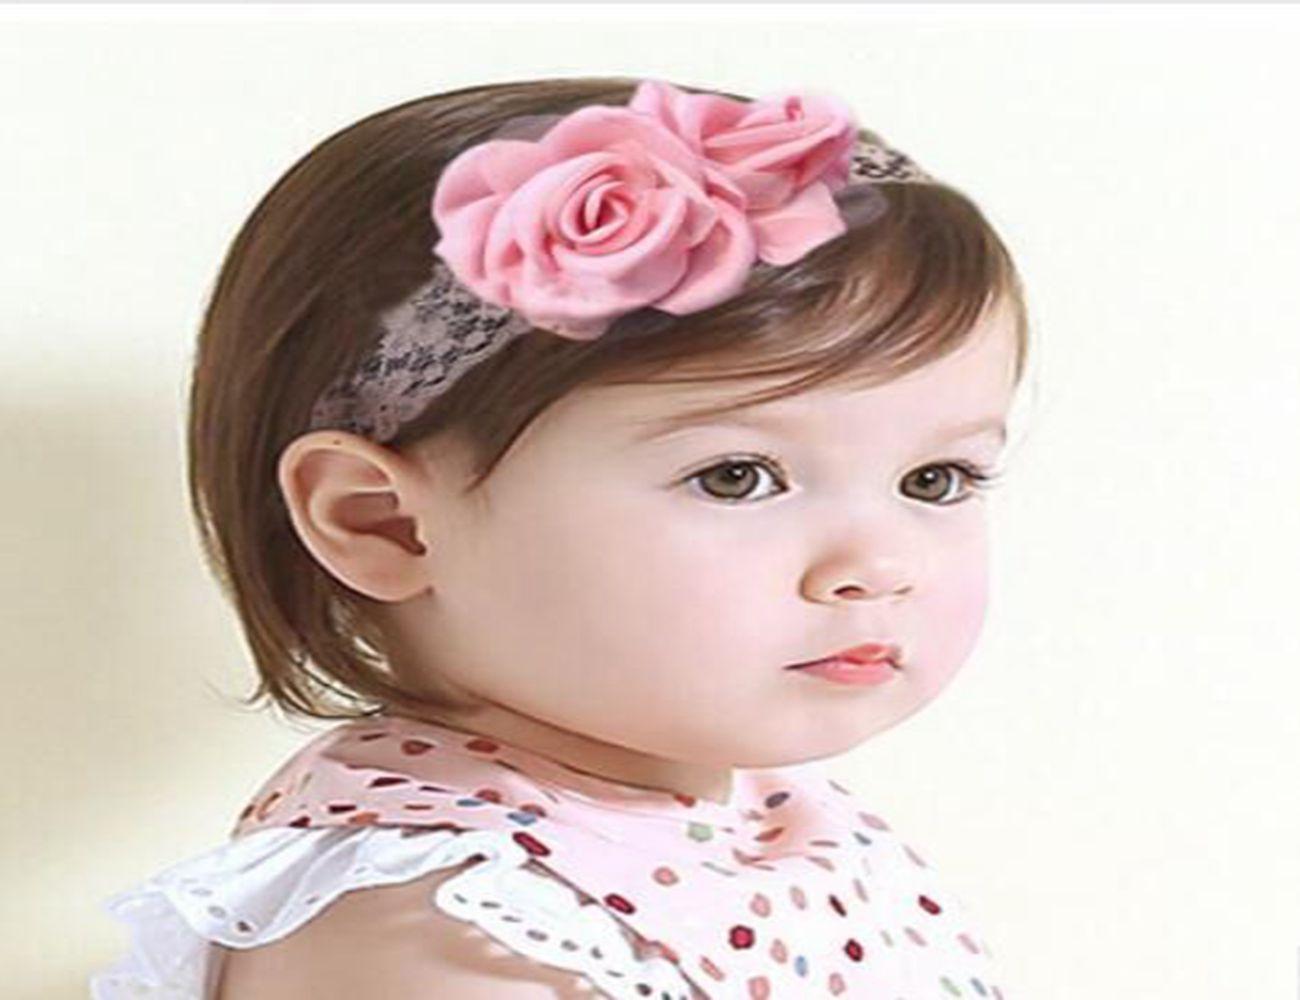 20 pcs lot terbaru eropa anak elastis rambut bando dibakar bunga lace gadis populer lucu